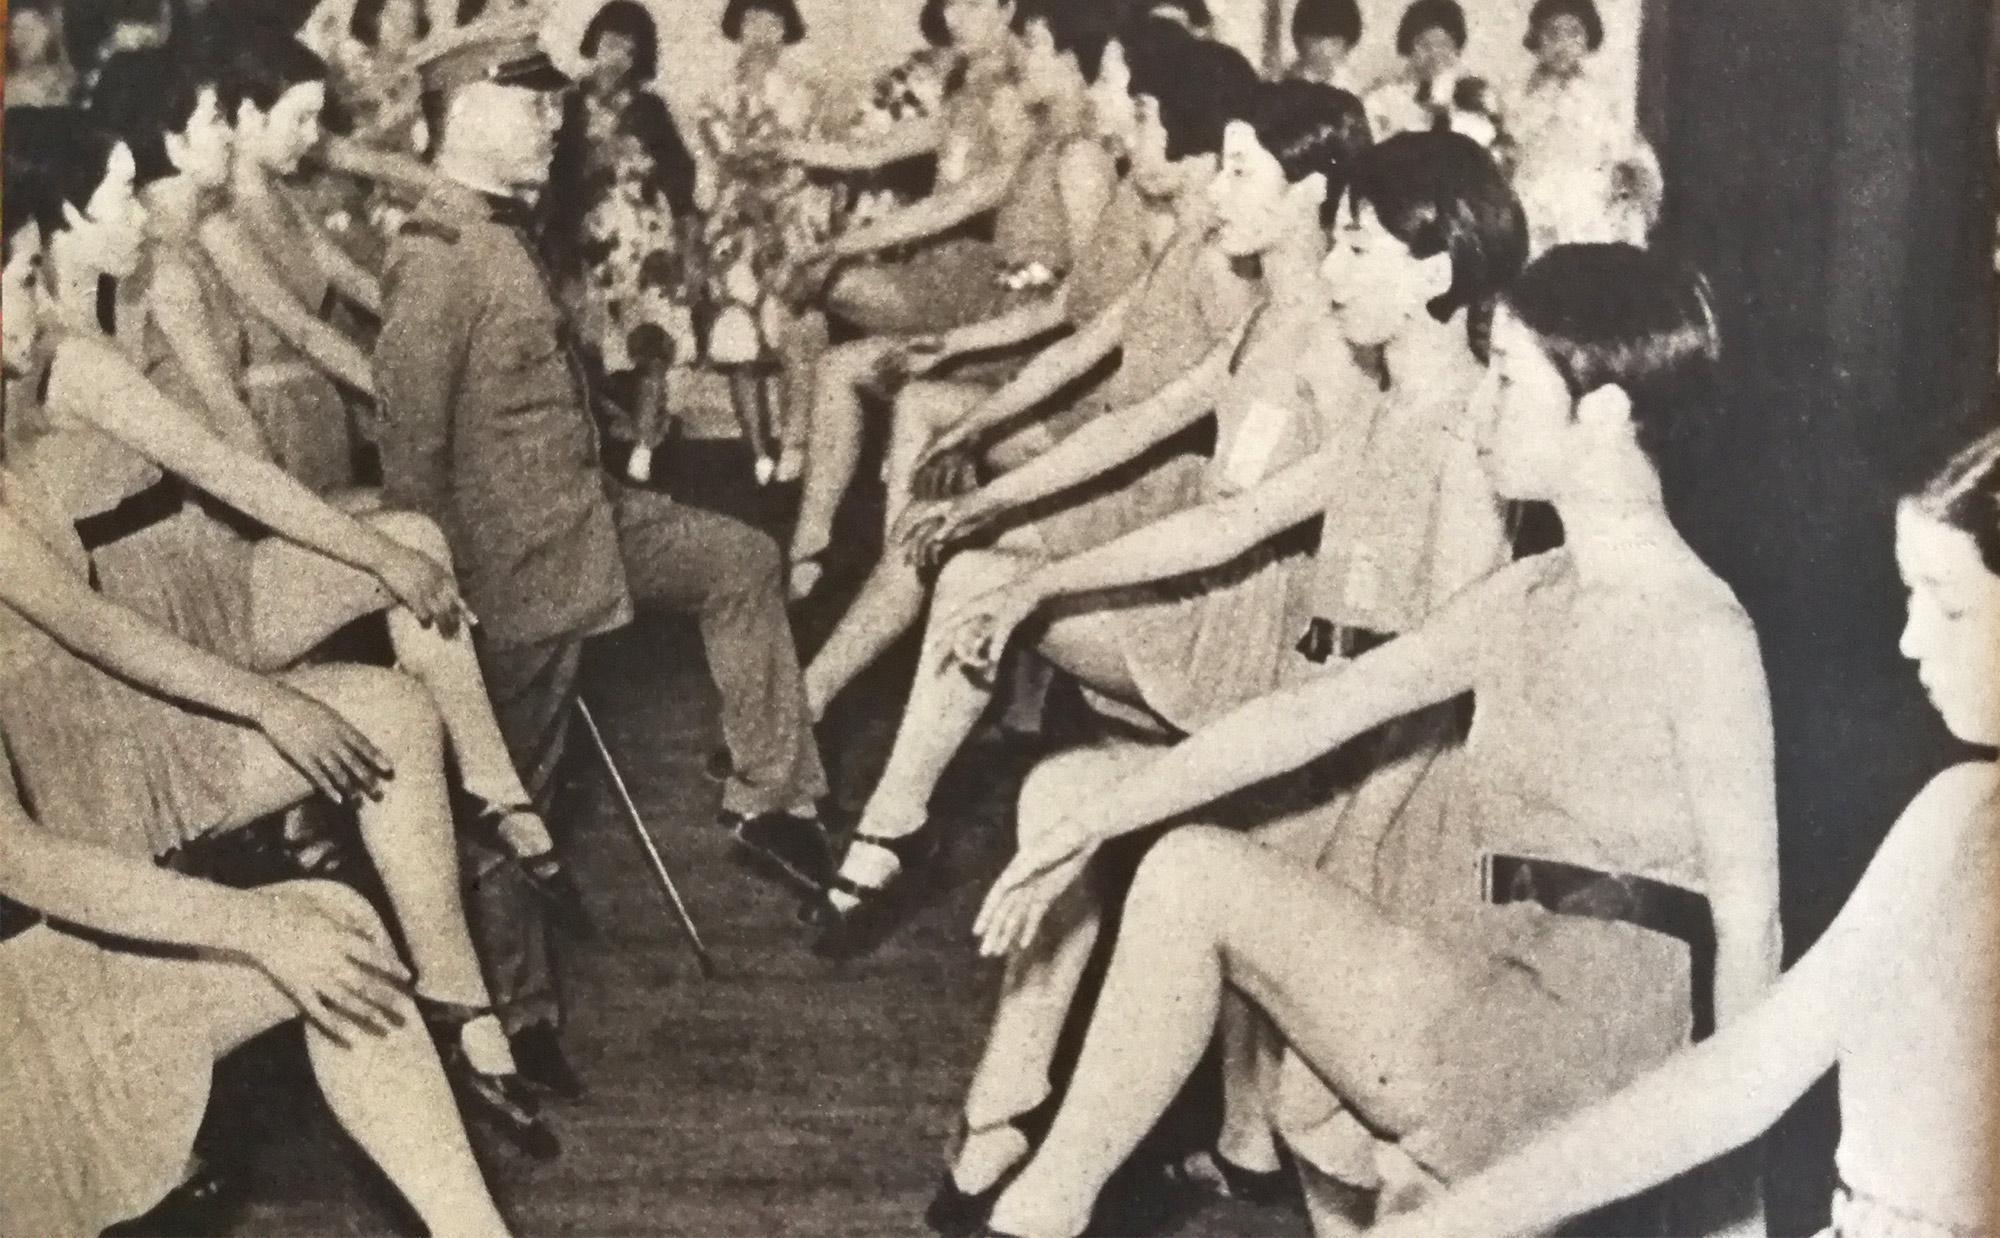 为何说二战日本女性也是帮凶?这10张照片说明问题